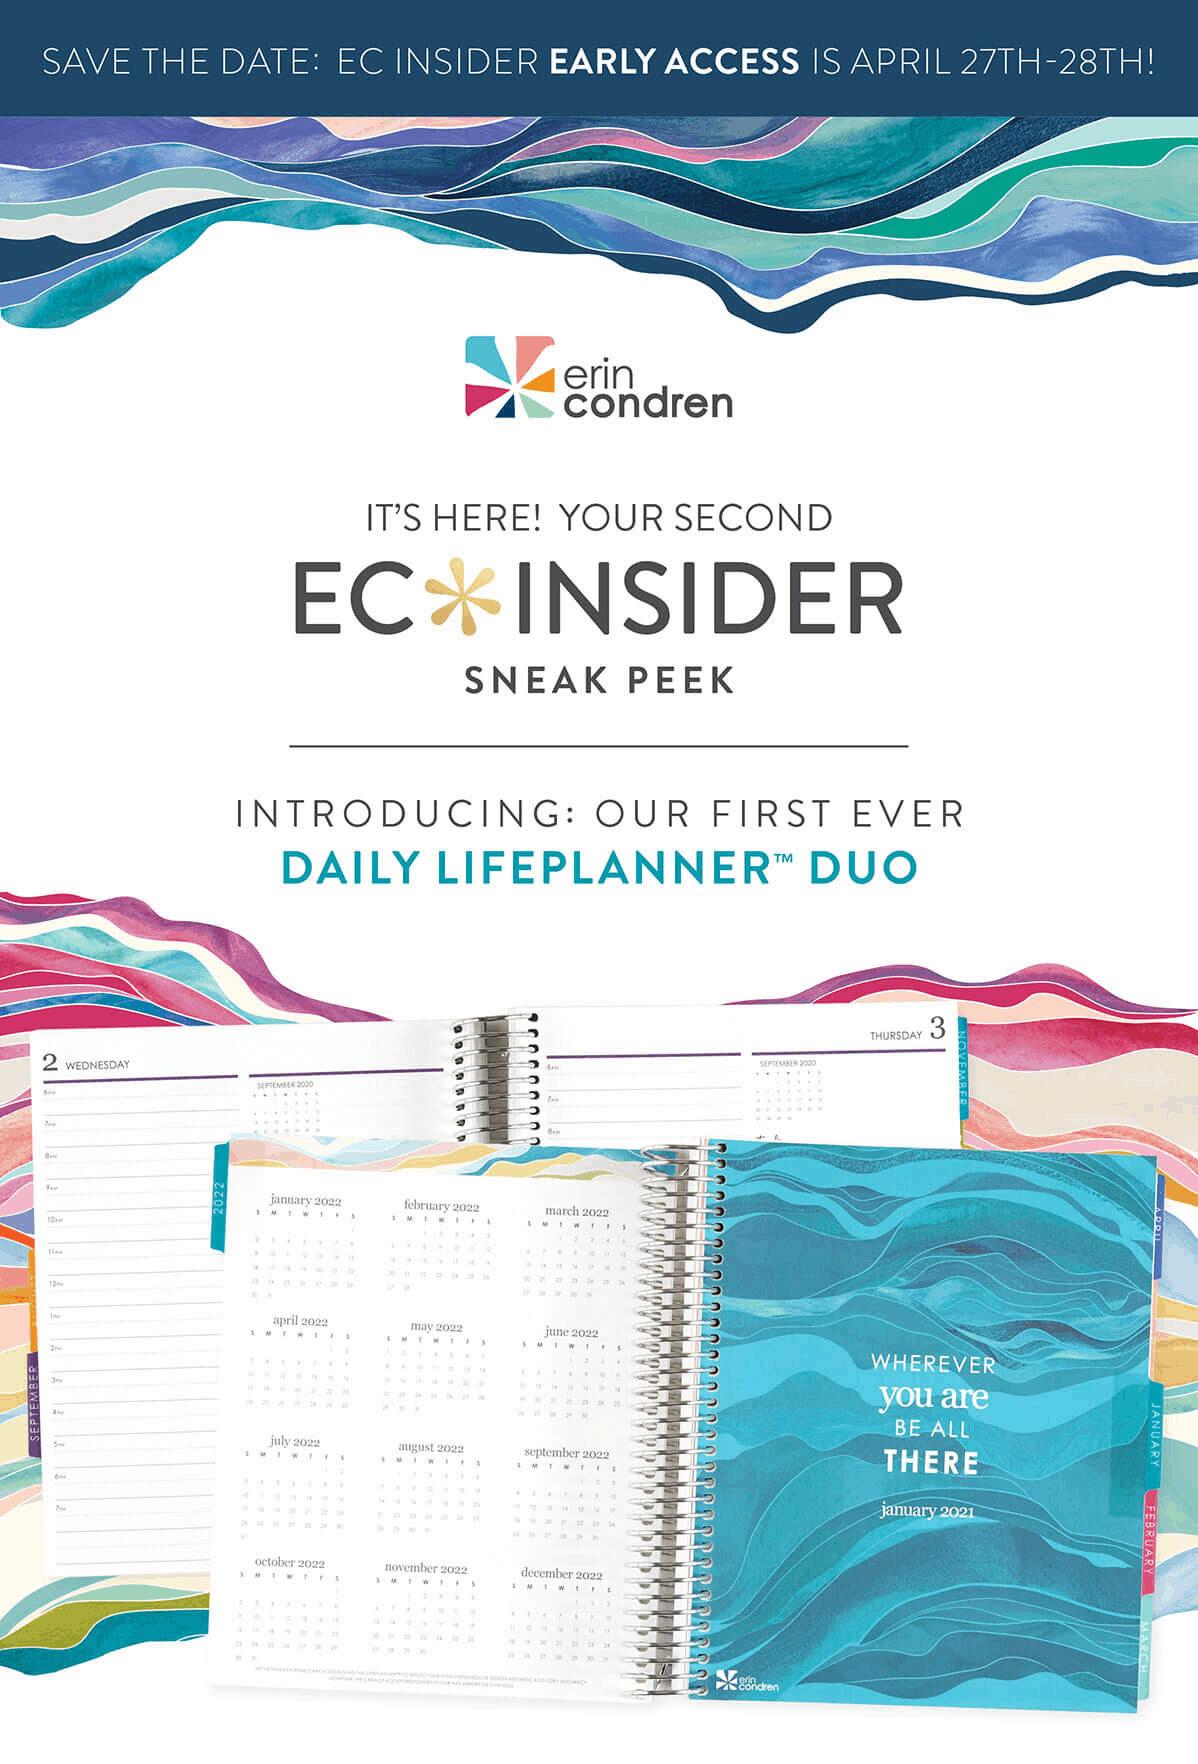 Erin Condren Daily Lifeplanner Duo Coming Soon Coupon Hello Subscription Erin Condren Life Planner Erin Condren Life Planner